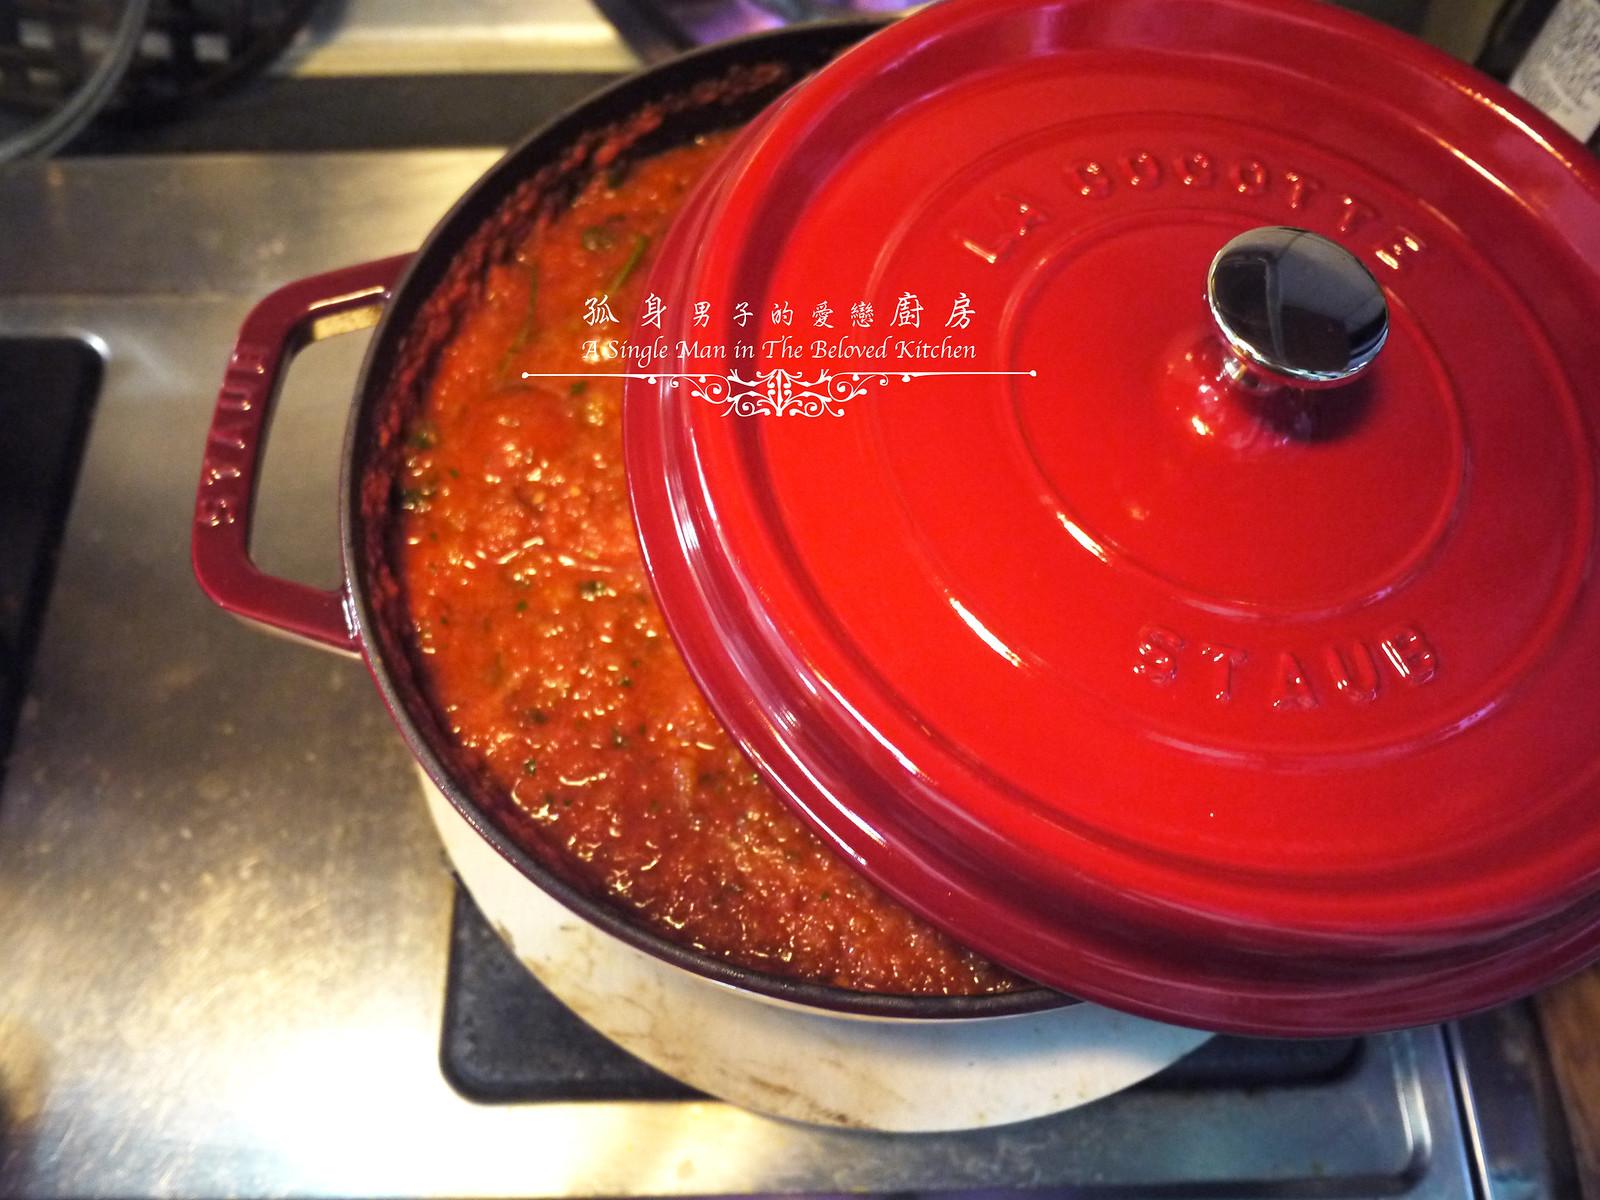 孤身廚房-義大利茄汁紅醬罐頭--自己的紅醬罐頭自己做。不求人18